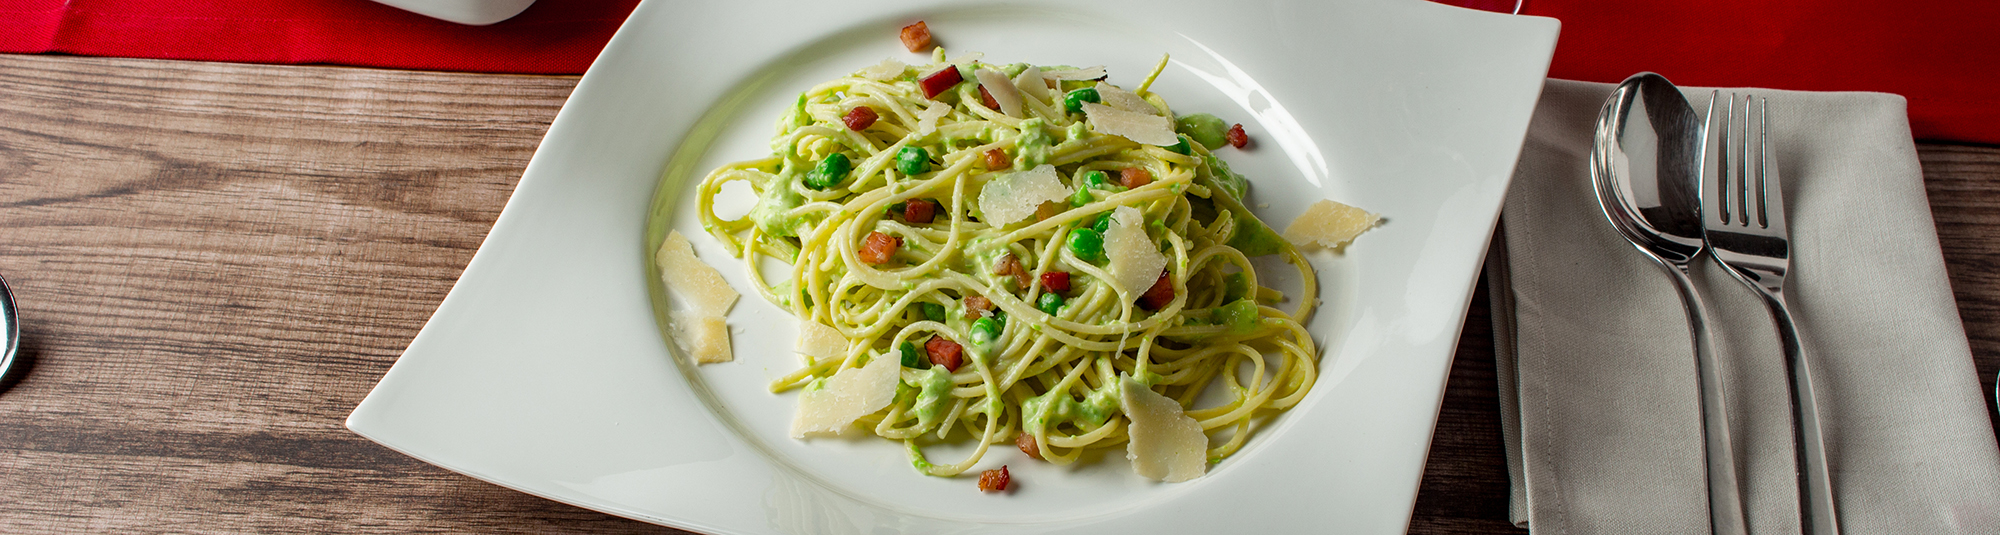 Spaghetti Carbonara Rezept mit Erbsen